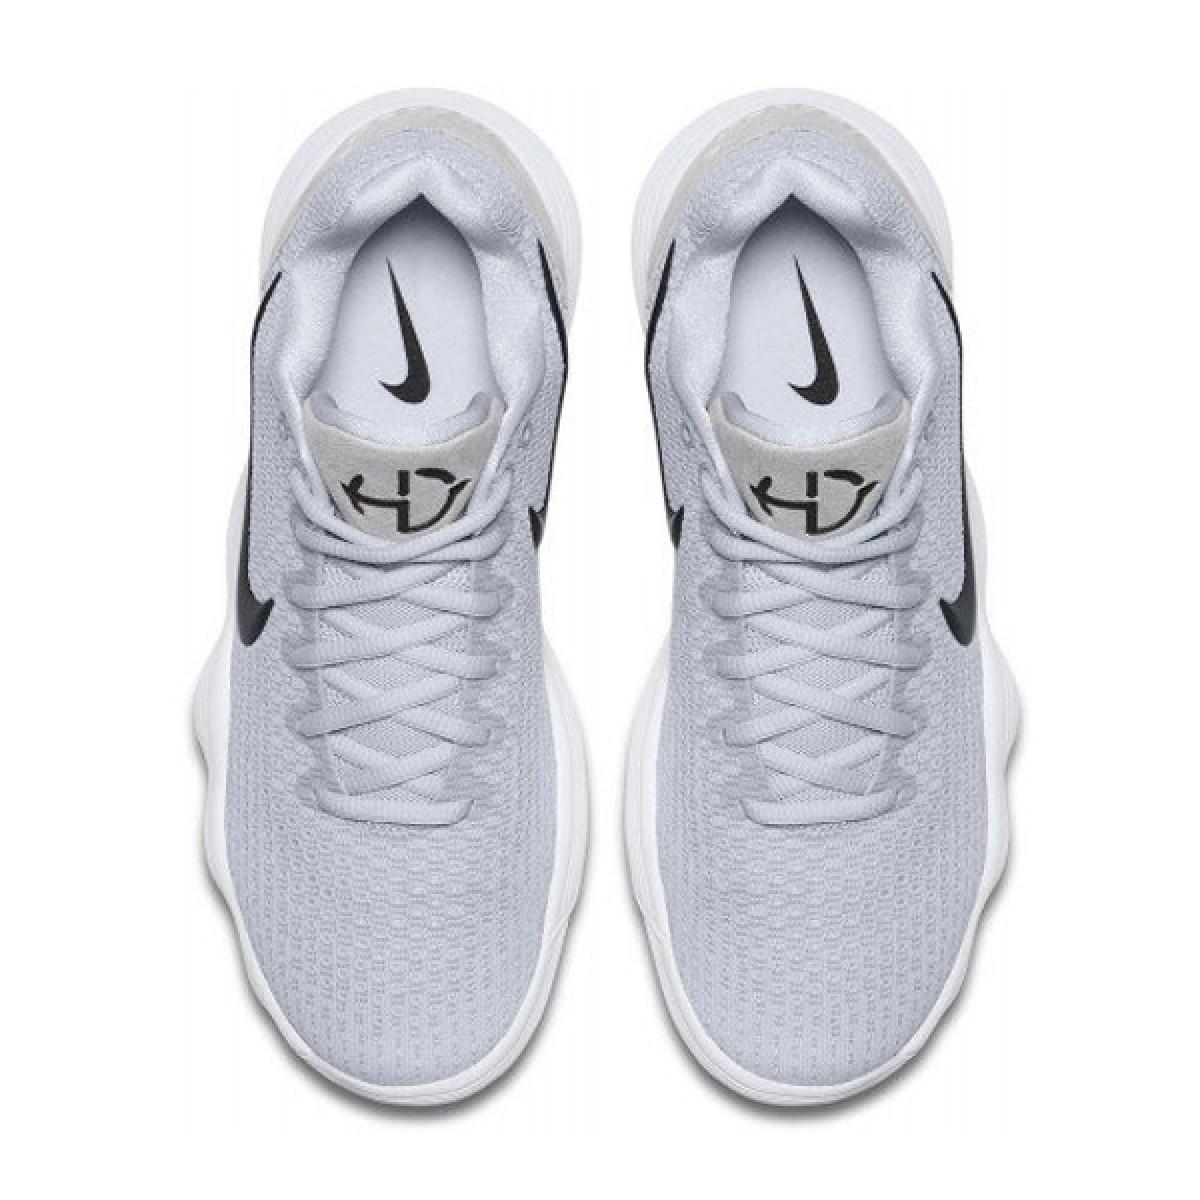 Nike Hyperdunk 2017 Low 'White' 897663-100